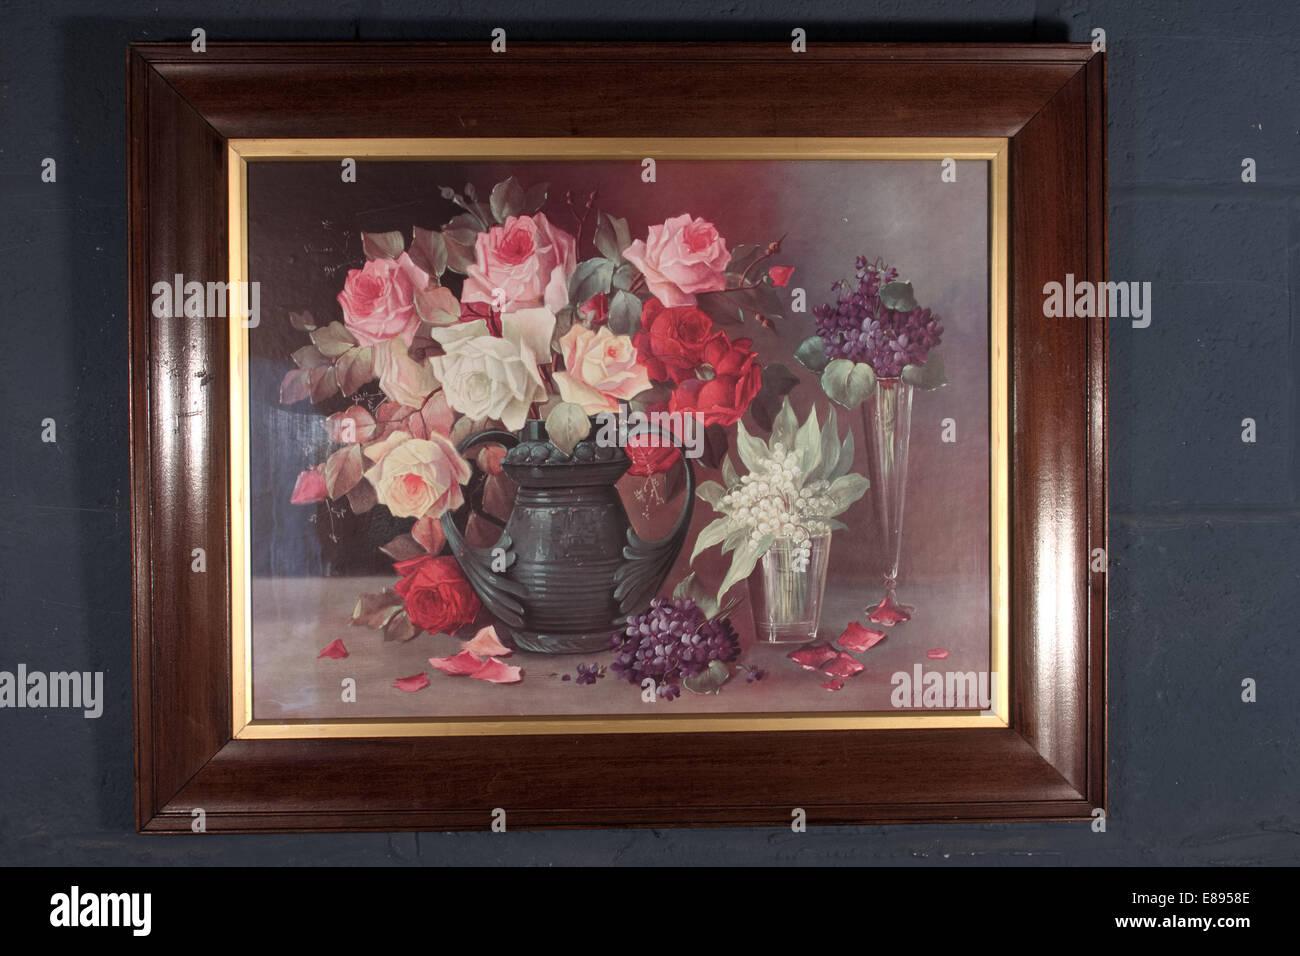 Aceite Floral pintura imprimir en marco dorado Foto & Imagen De ...